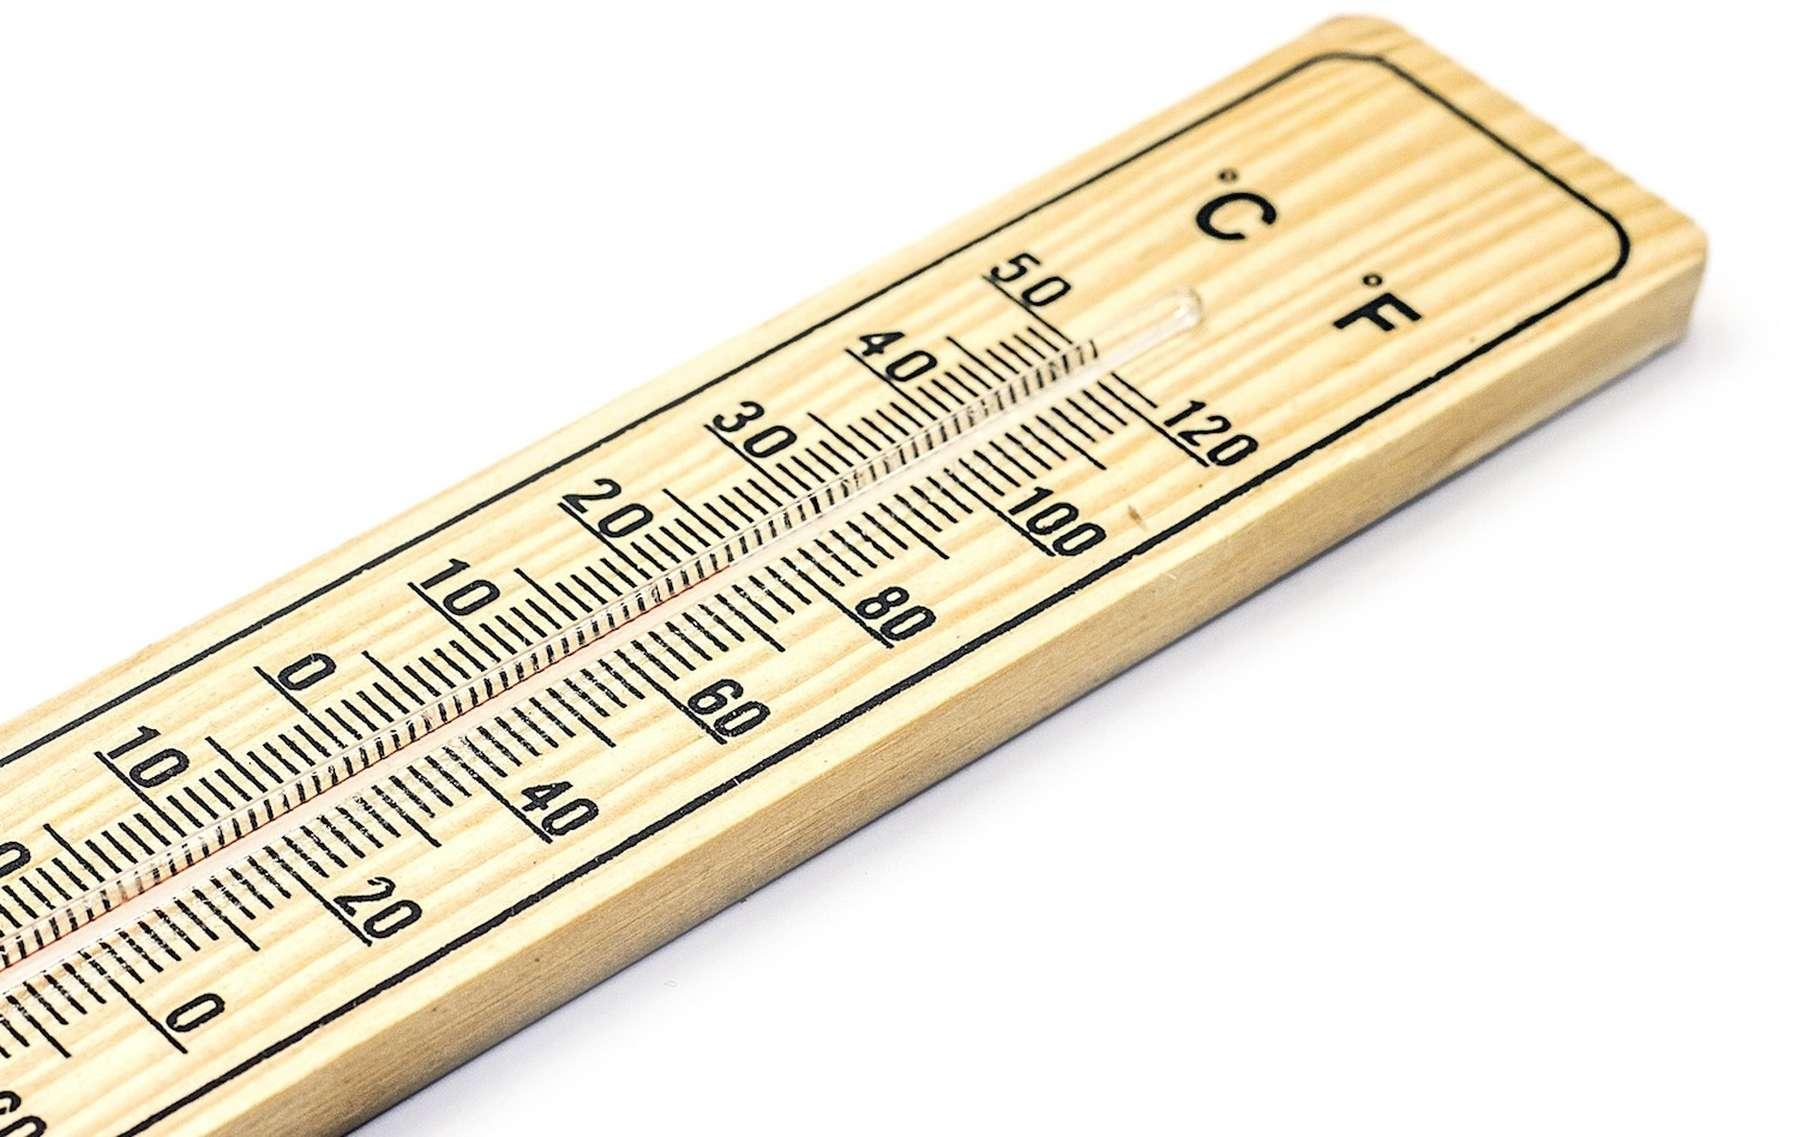 Un thermomètre sert tout simplement à mesurer et à indiquer la température. © Chillsoffear, Pixabay, DP